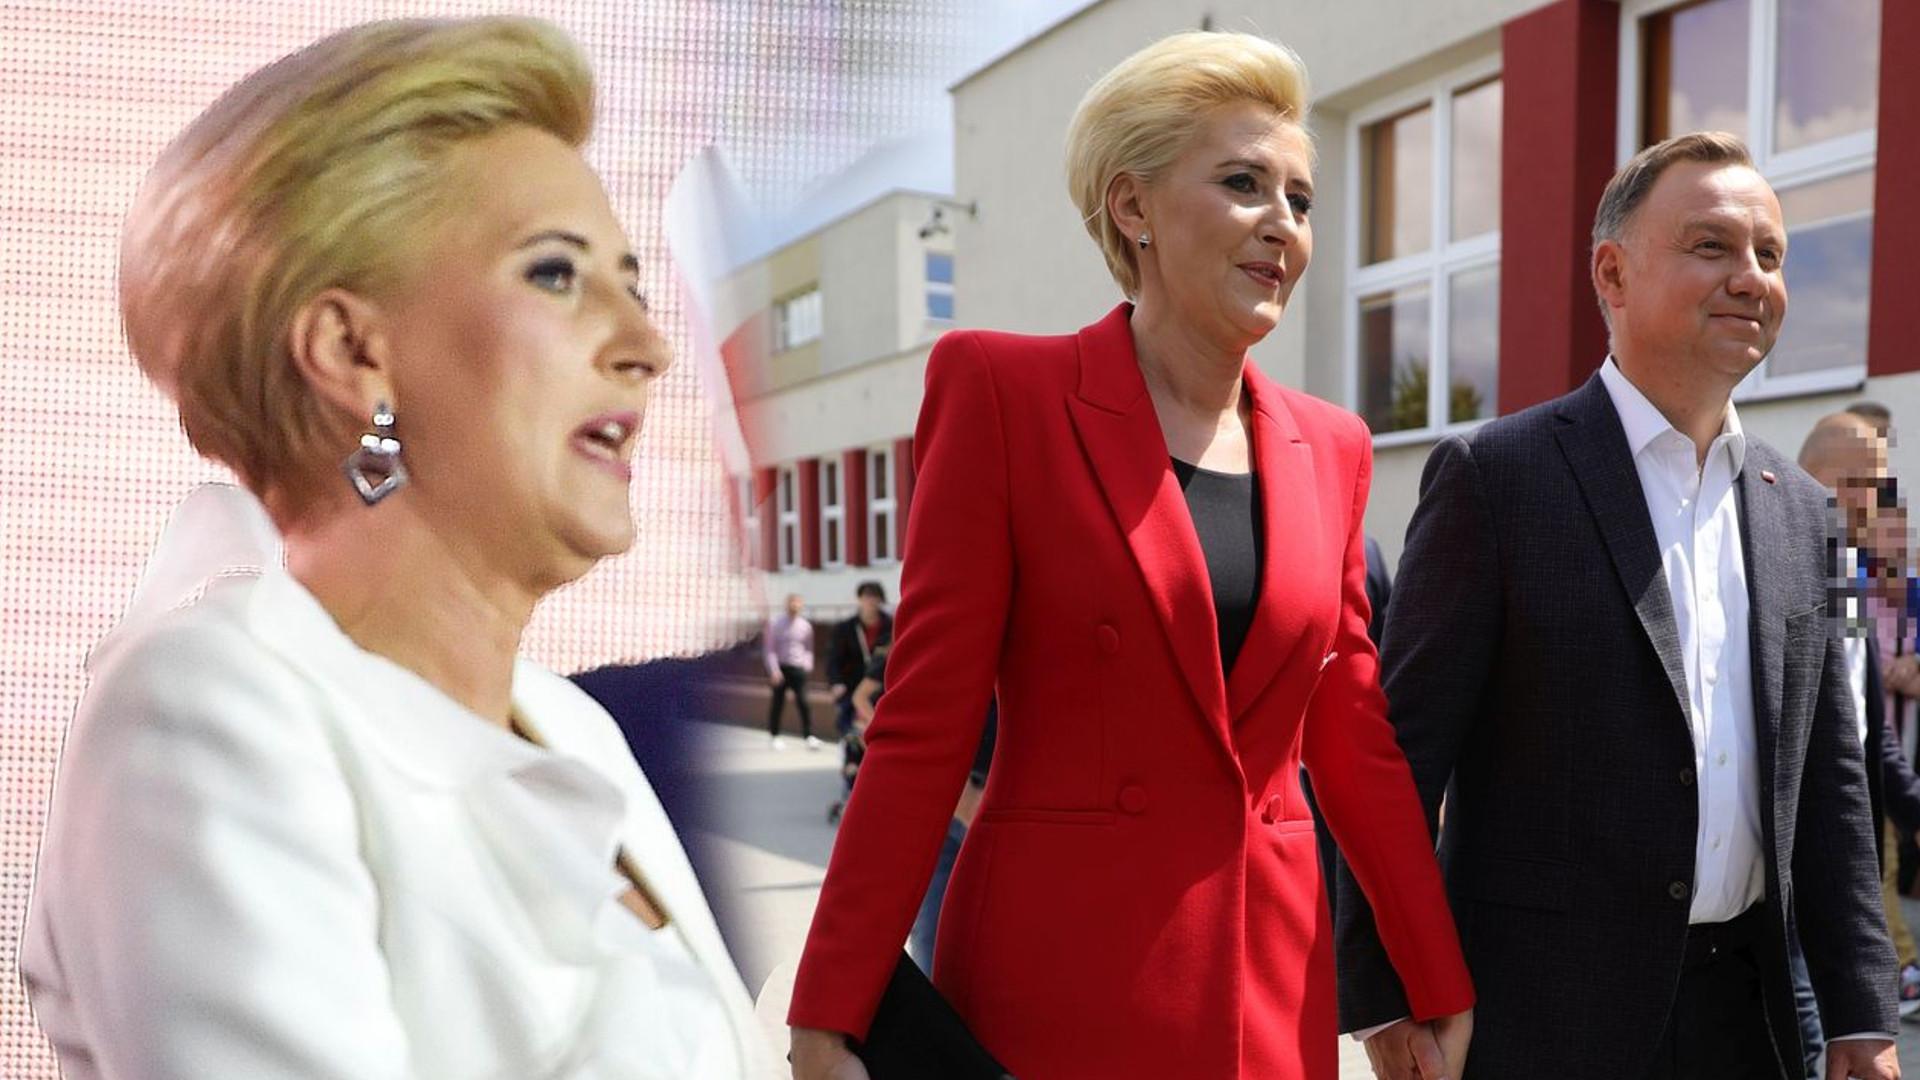 """Agata Duda nie udzielała się w mediach z powodu """"sprzeciwu"""" – na wieczorze wyborczym zabrała głos i zaliczyła WPADKĘ"""